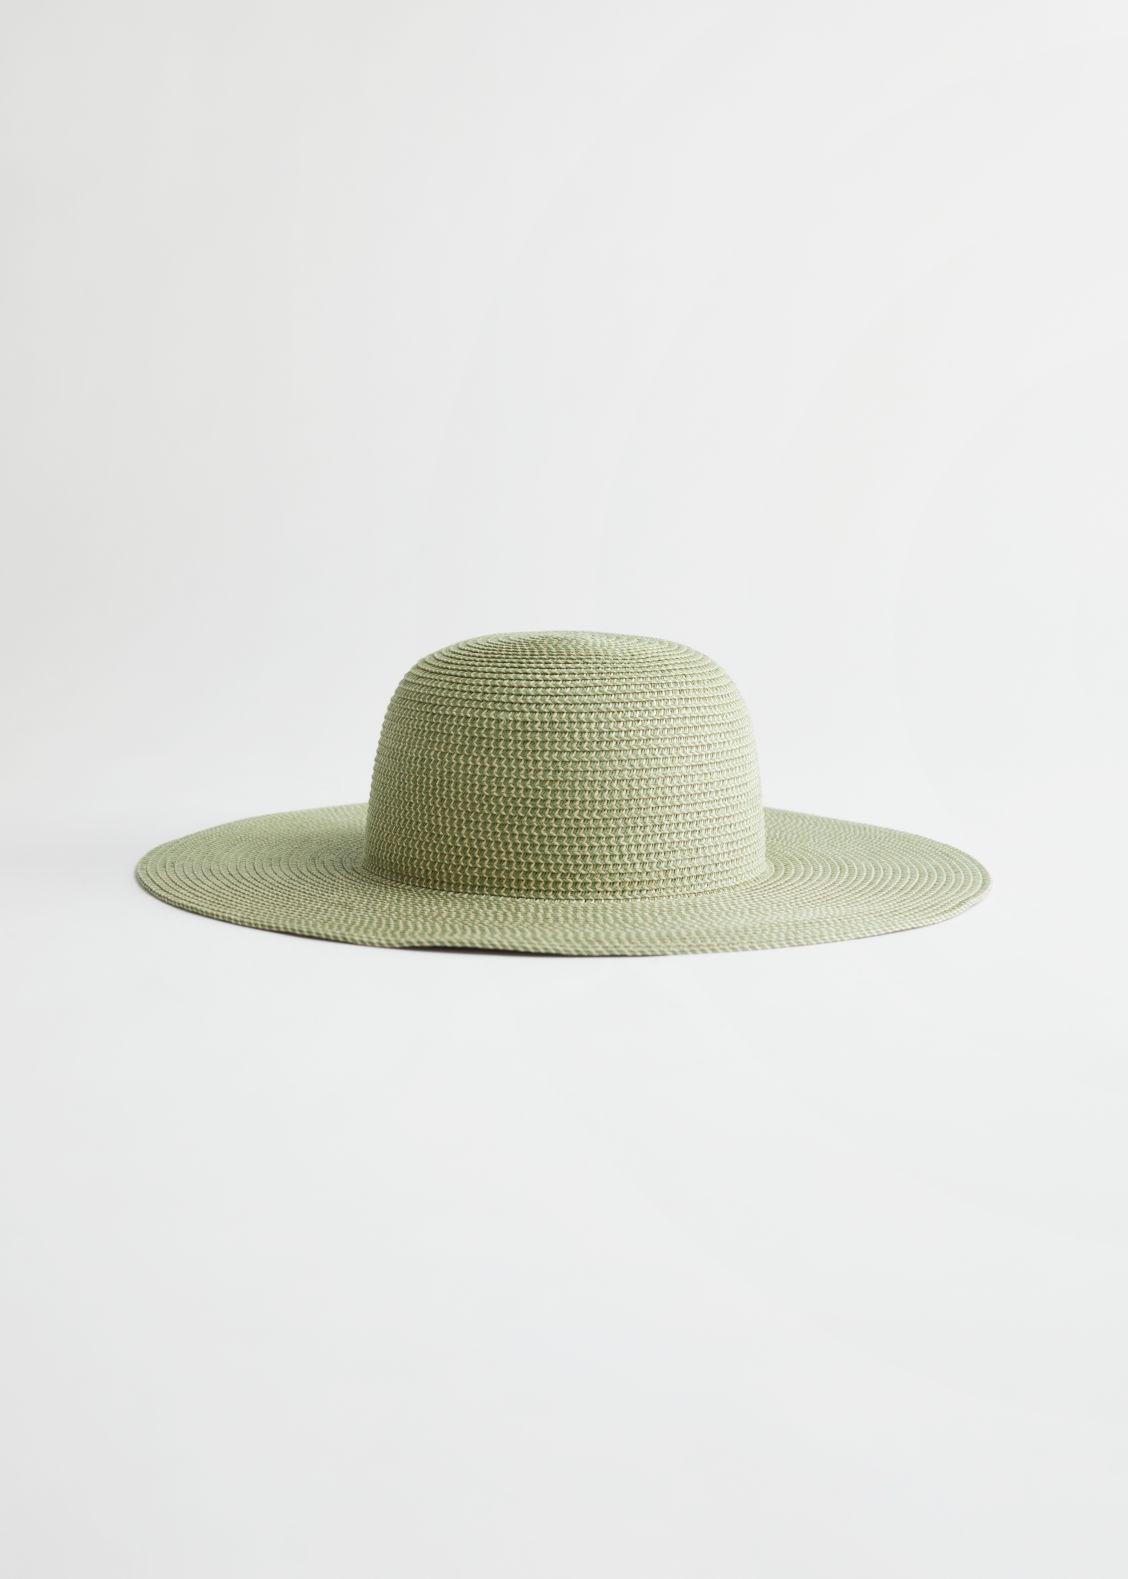 앤 아더 스토리즈 스트로우햇 & OTHER STORIES Wide Brim Straw Hat,Green